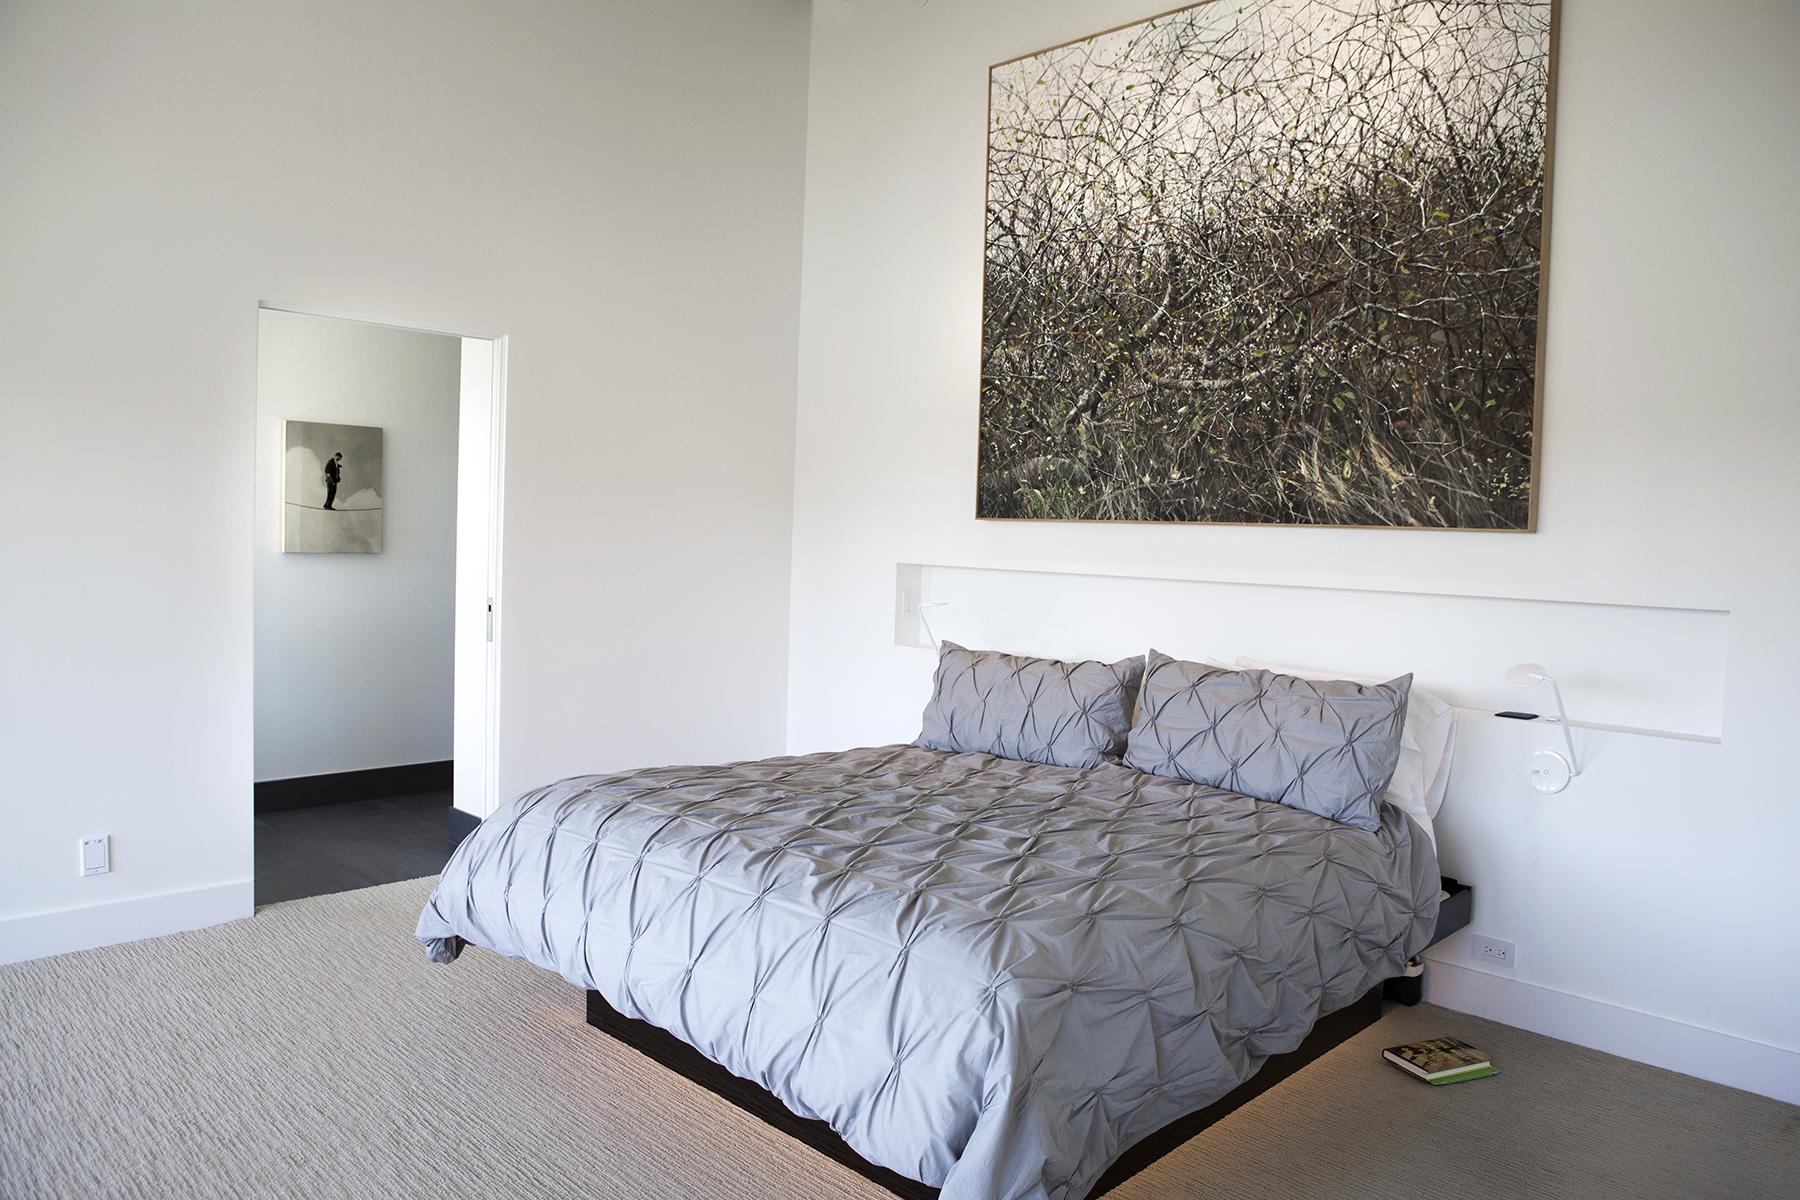 bedroom 6x4.jpg